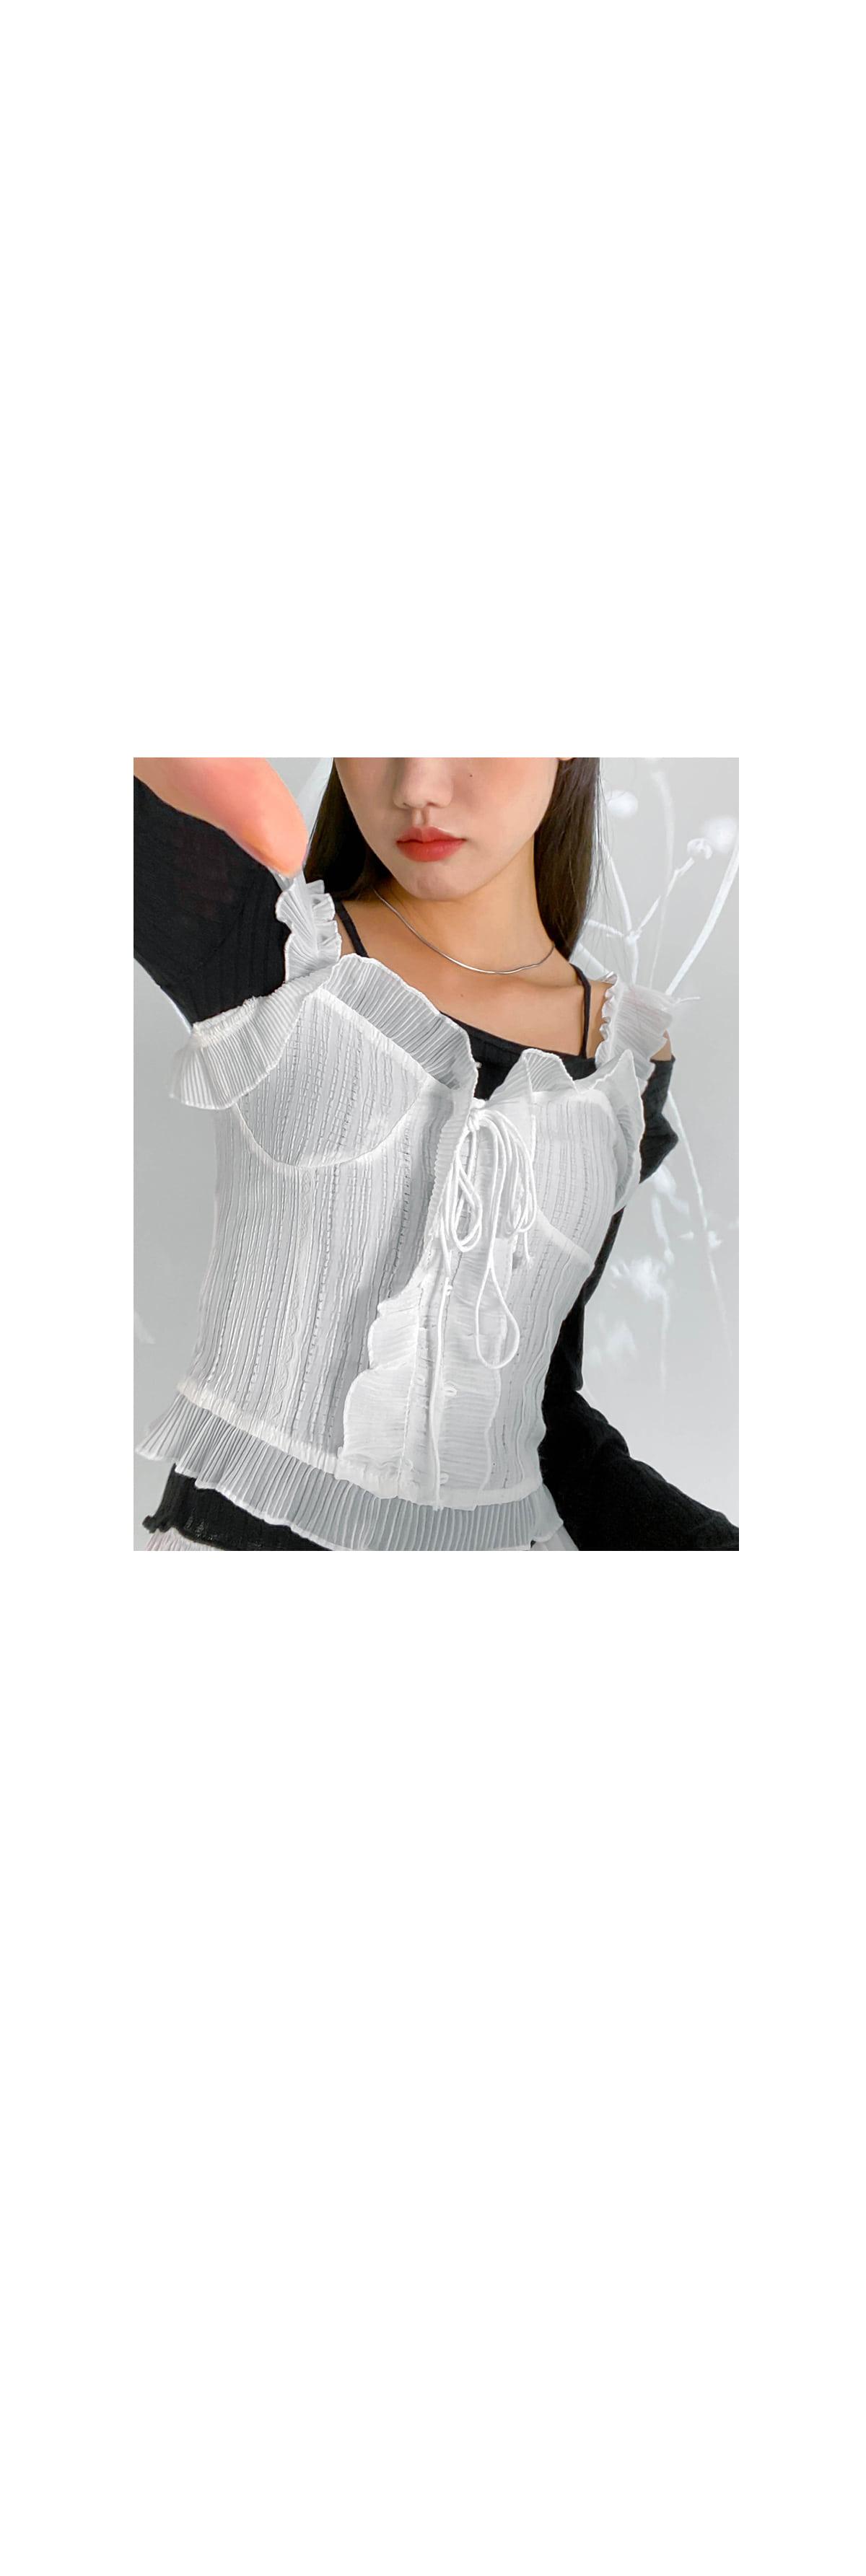 Lace Melleob Bustier